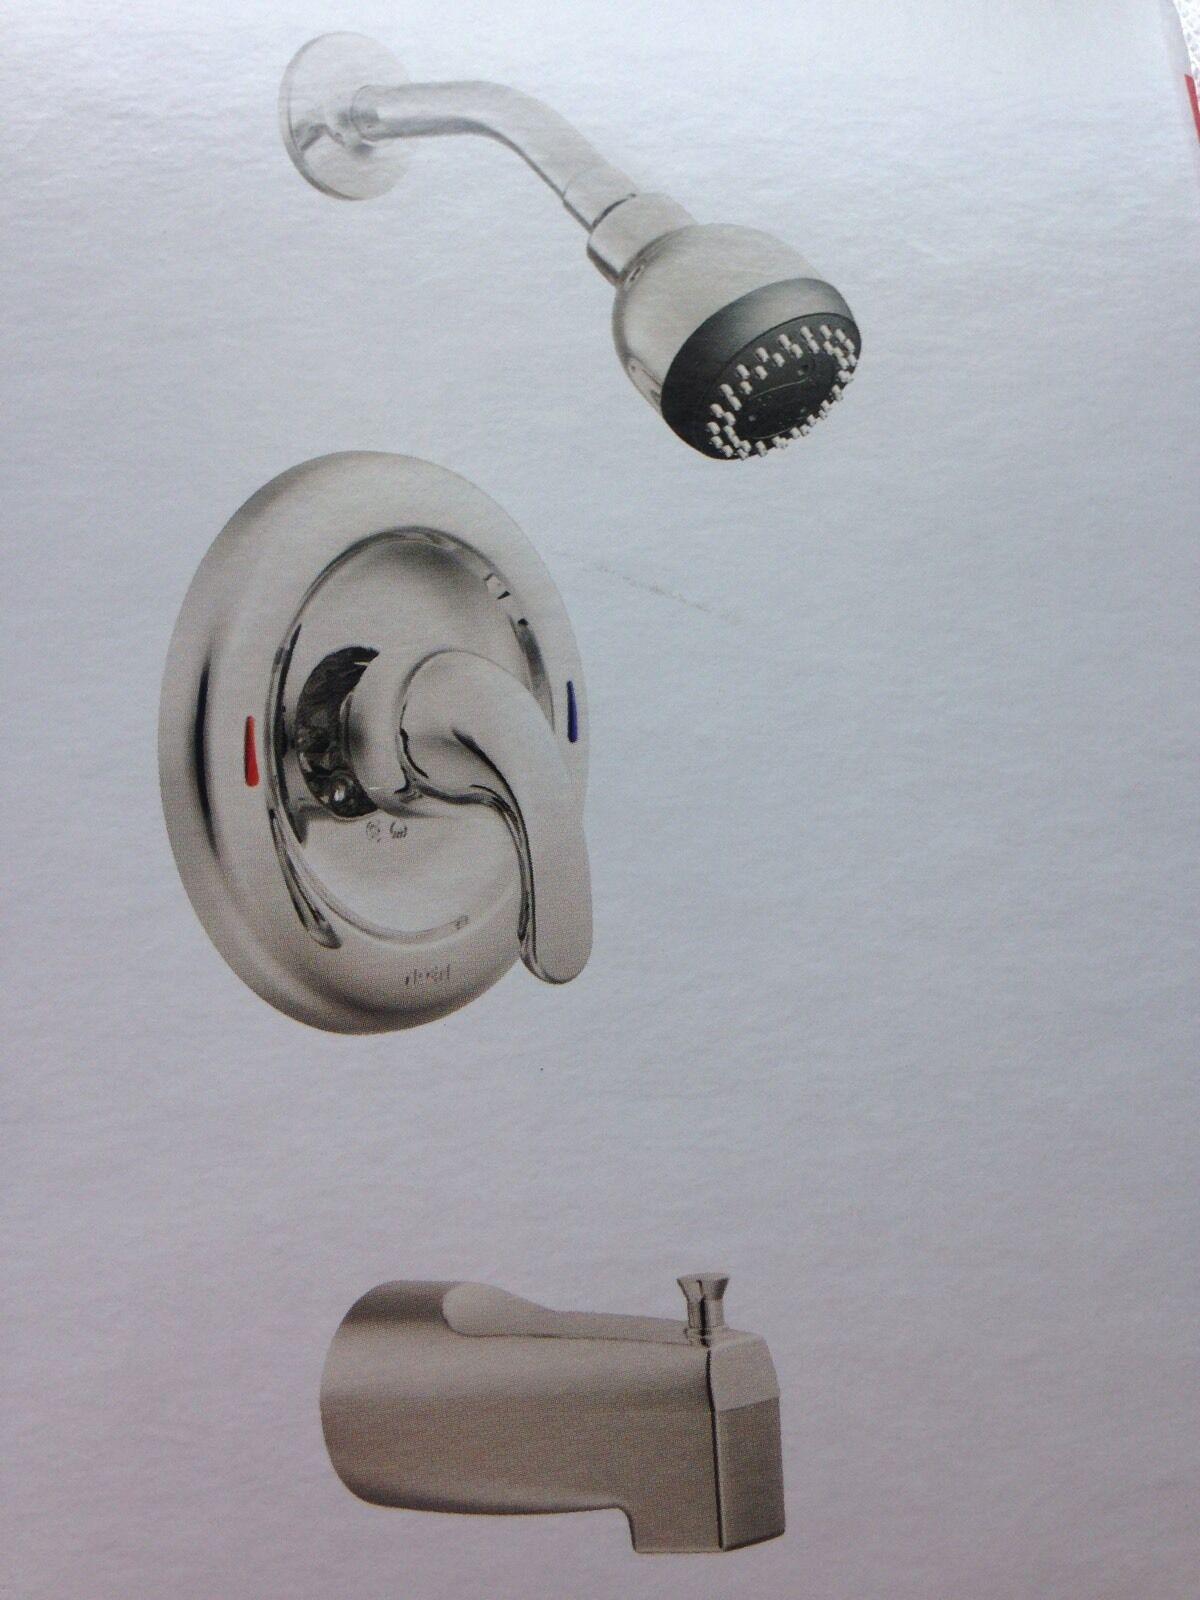 Moen L82694 Adler Tub and Shower Trim Chrome   eBay